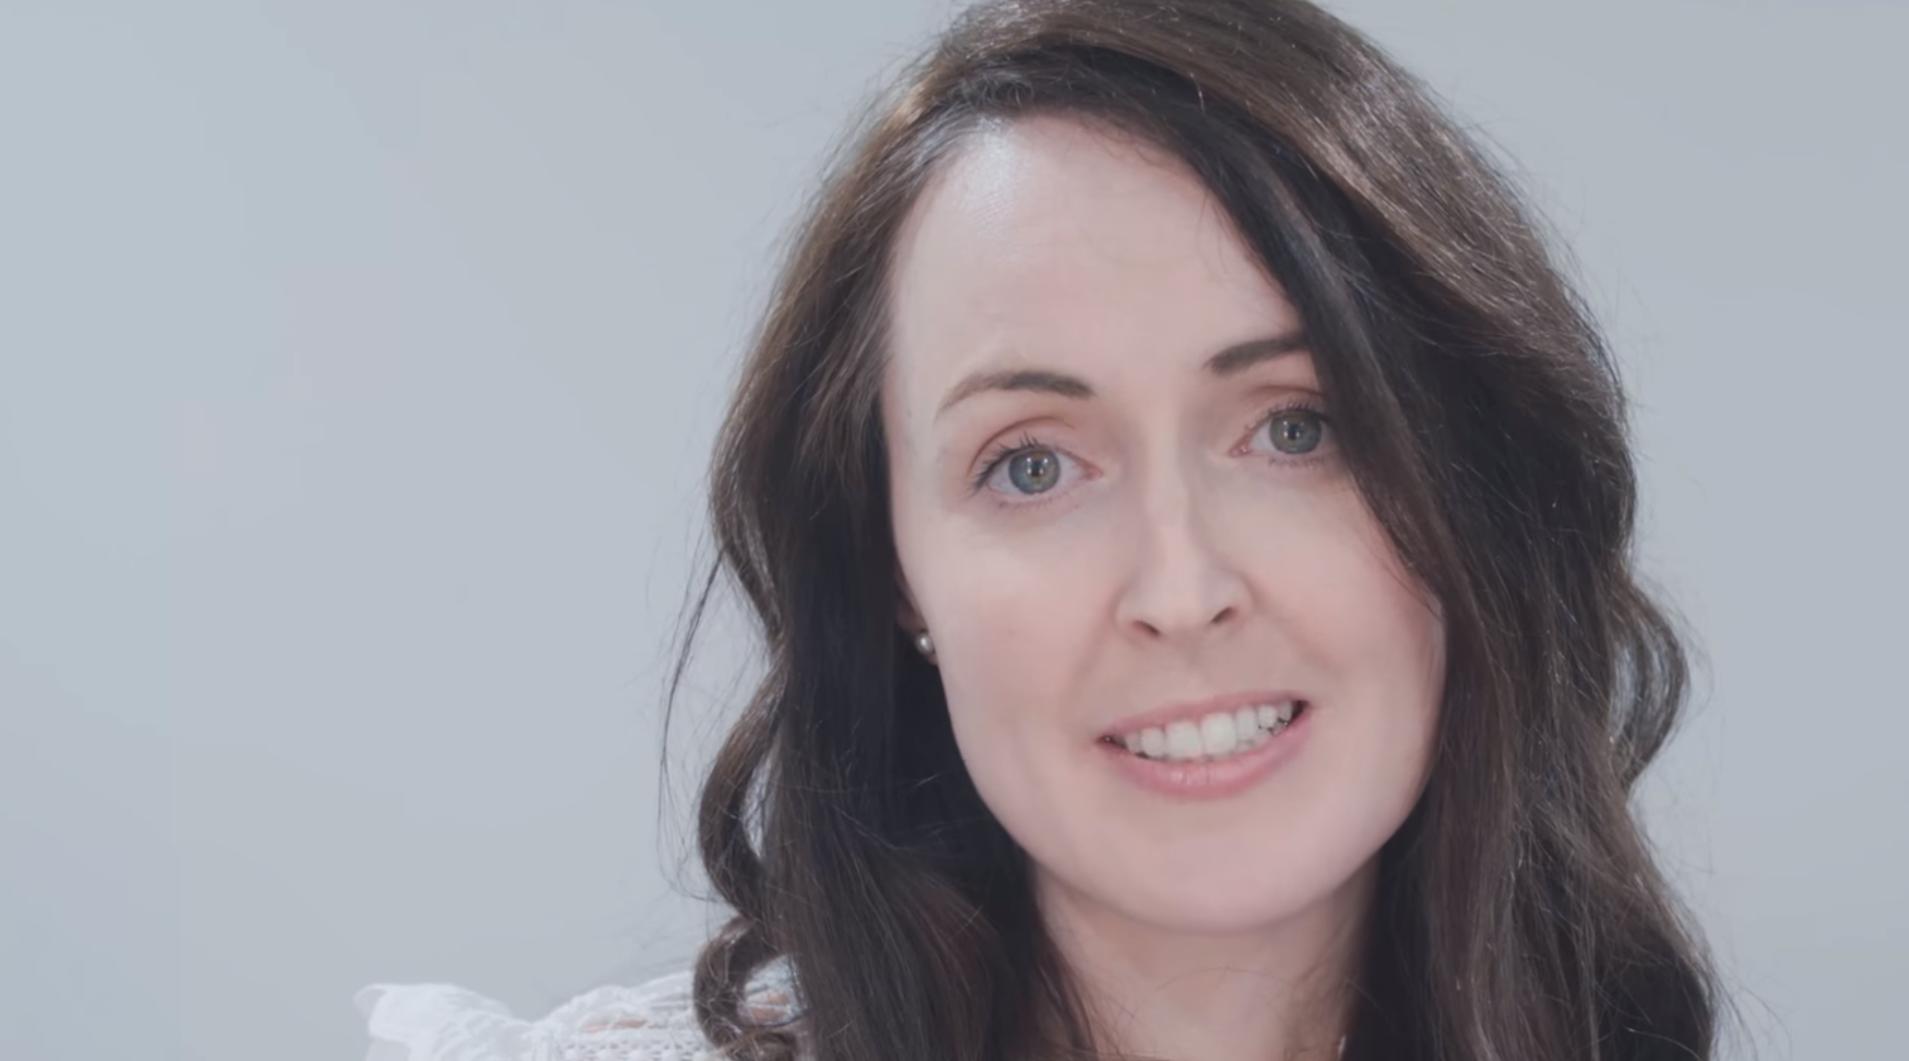 Ierse pro-lifer legt uit waarom de Nederlandse abortuspraktijk geen navolging verdient